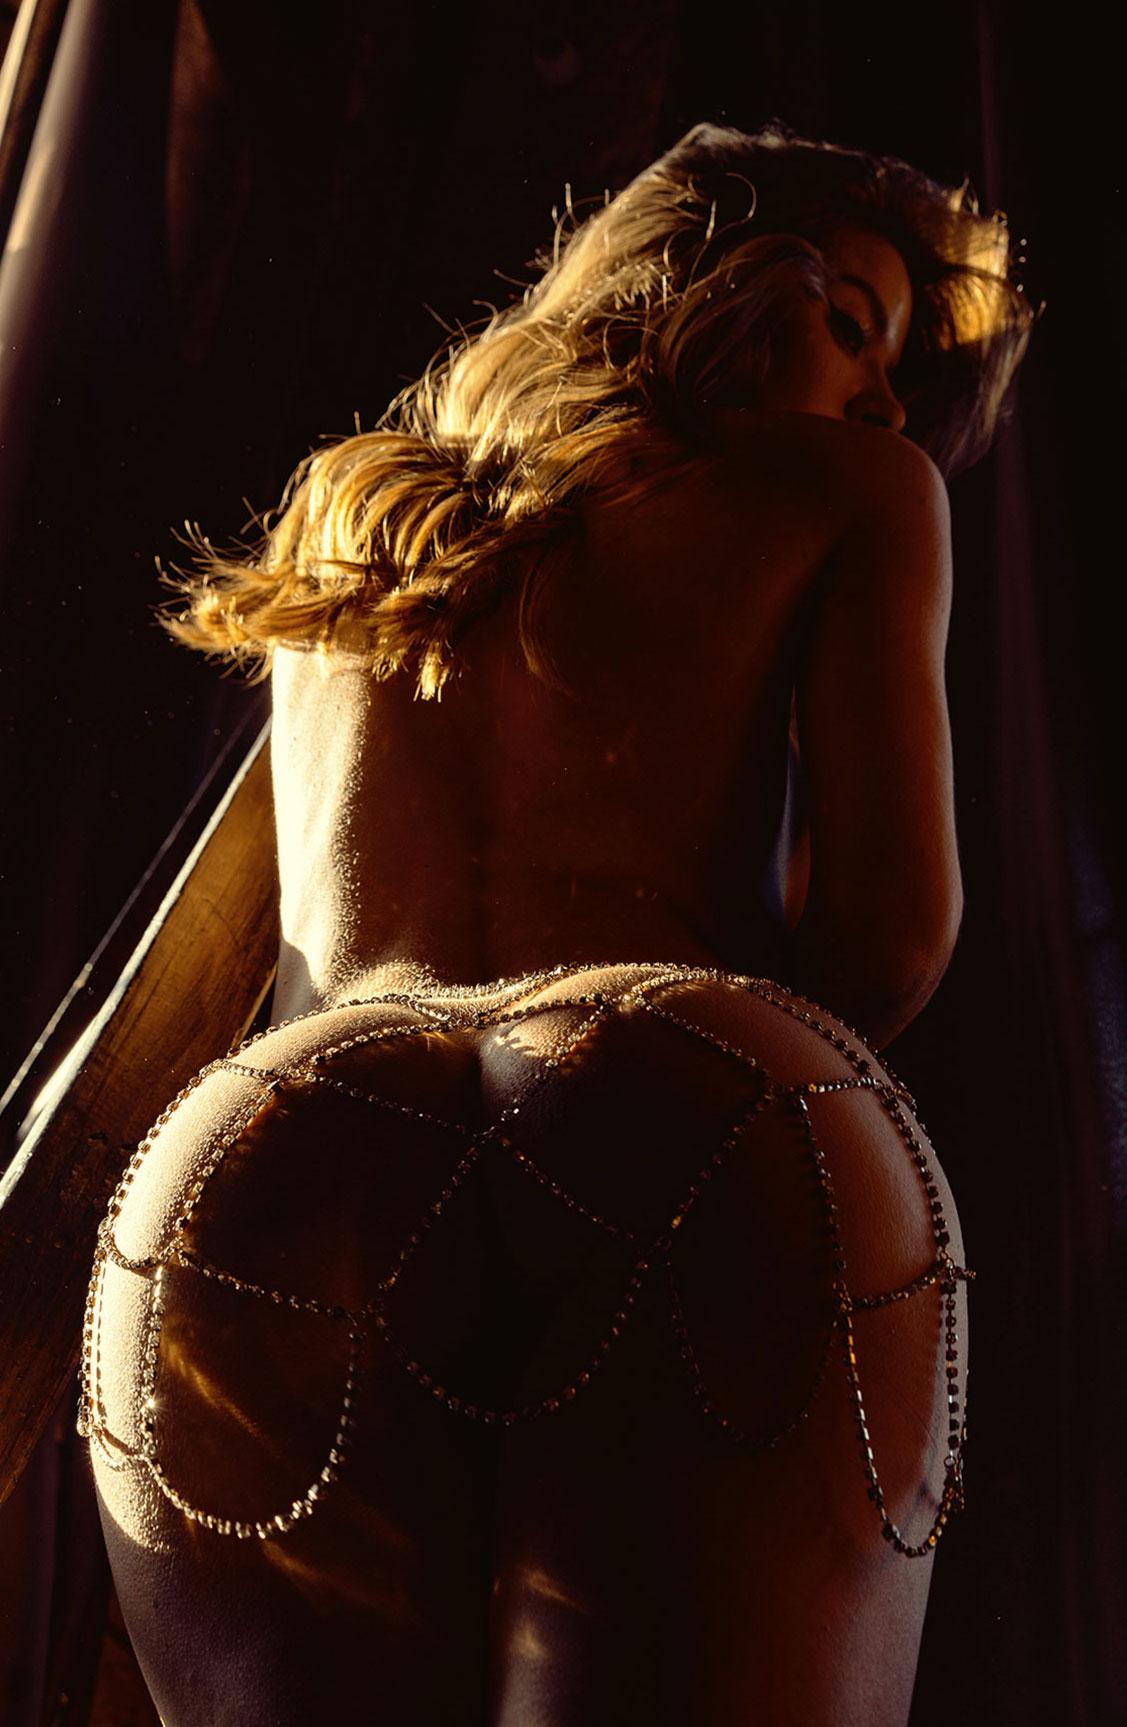 Сексуальная голая девушка в драгоценных цепях / фото 23